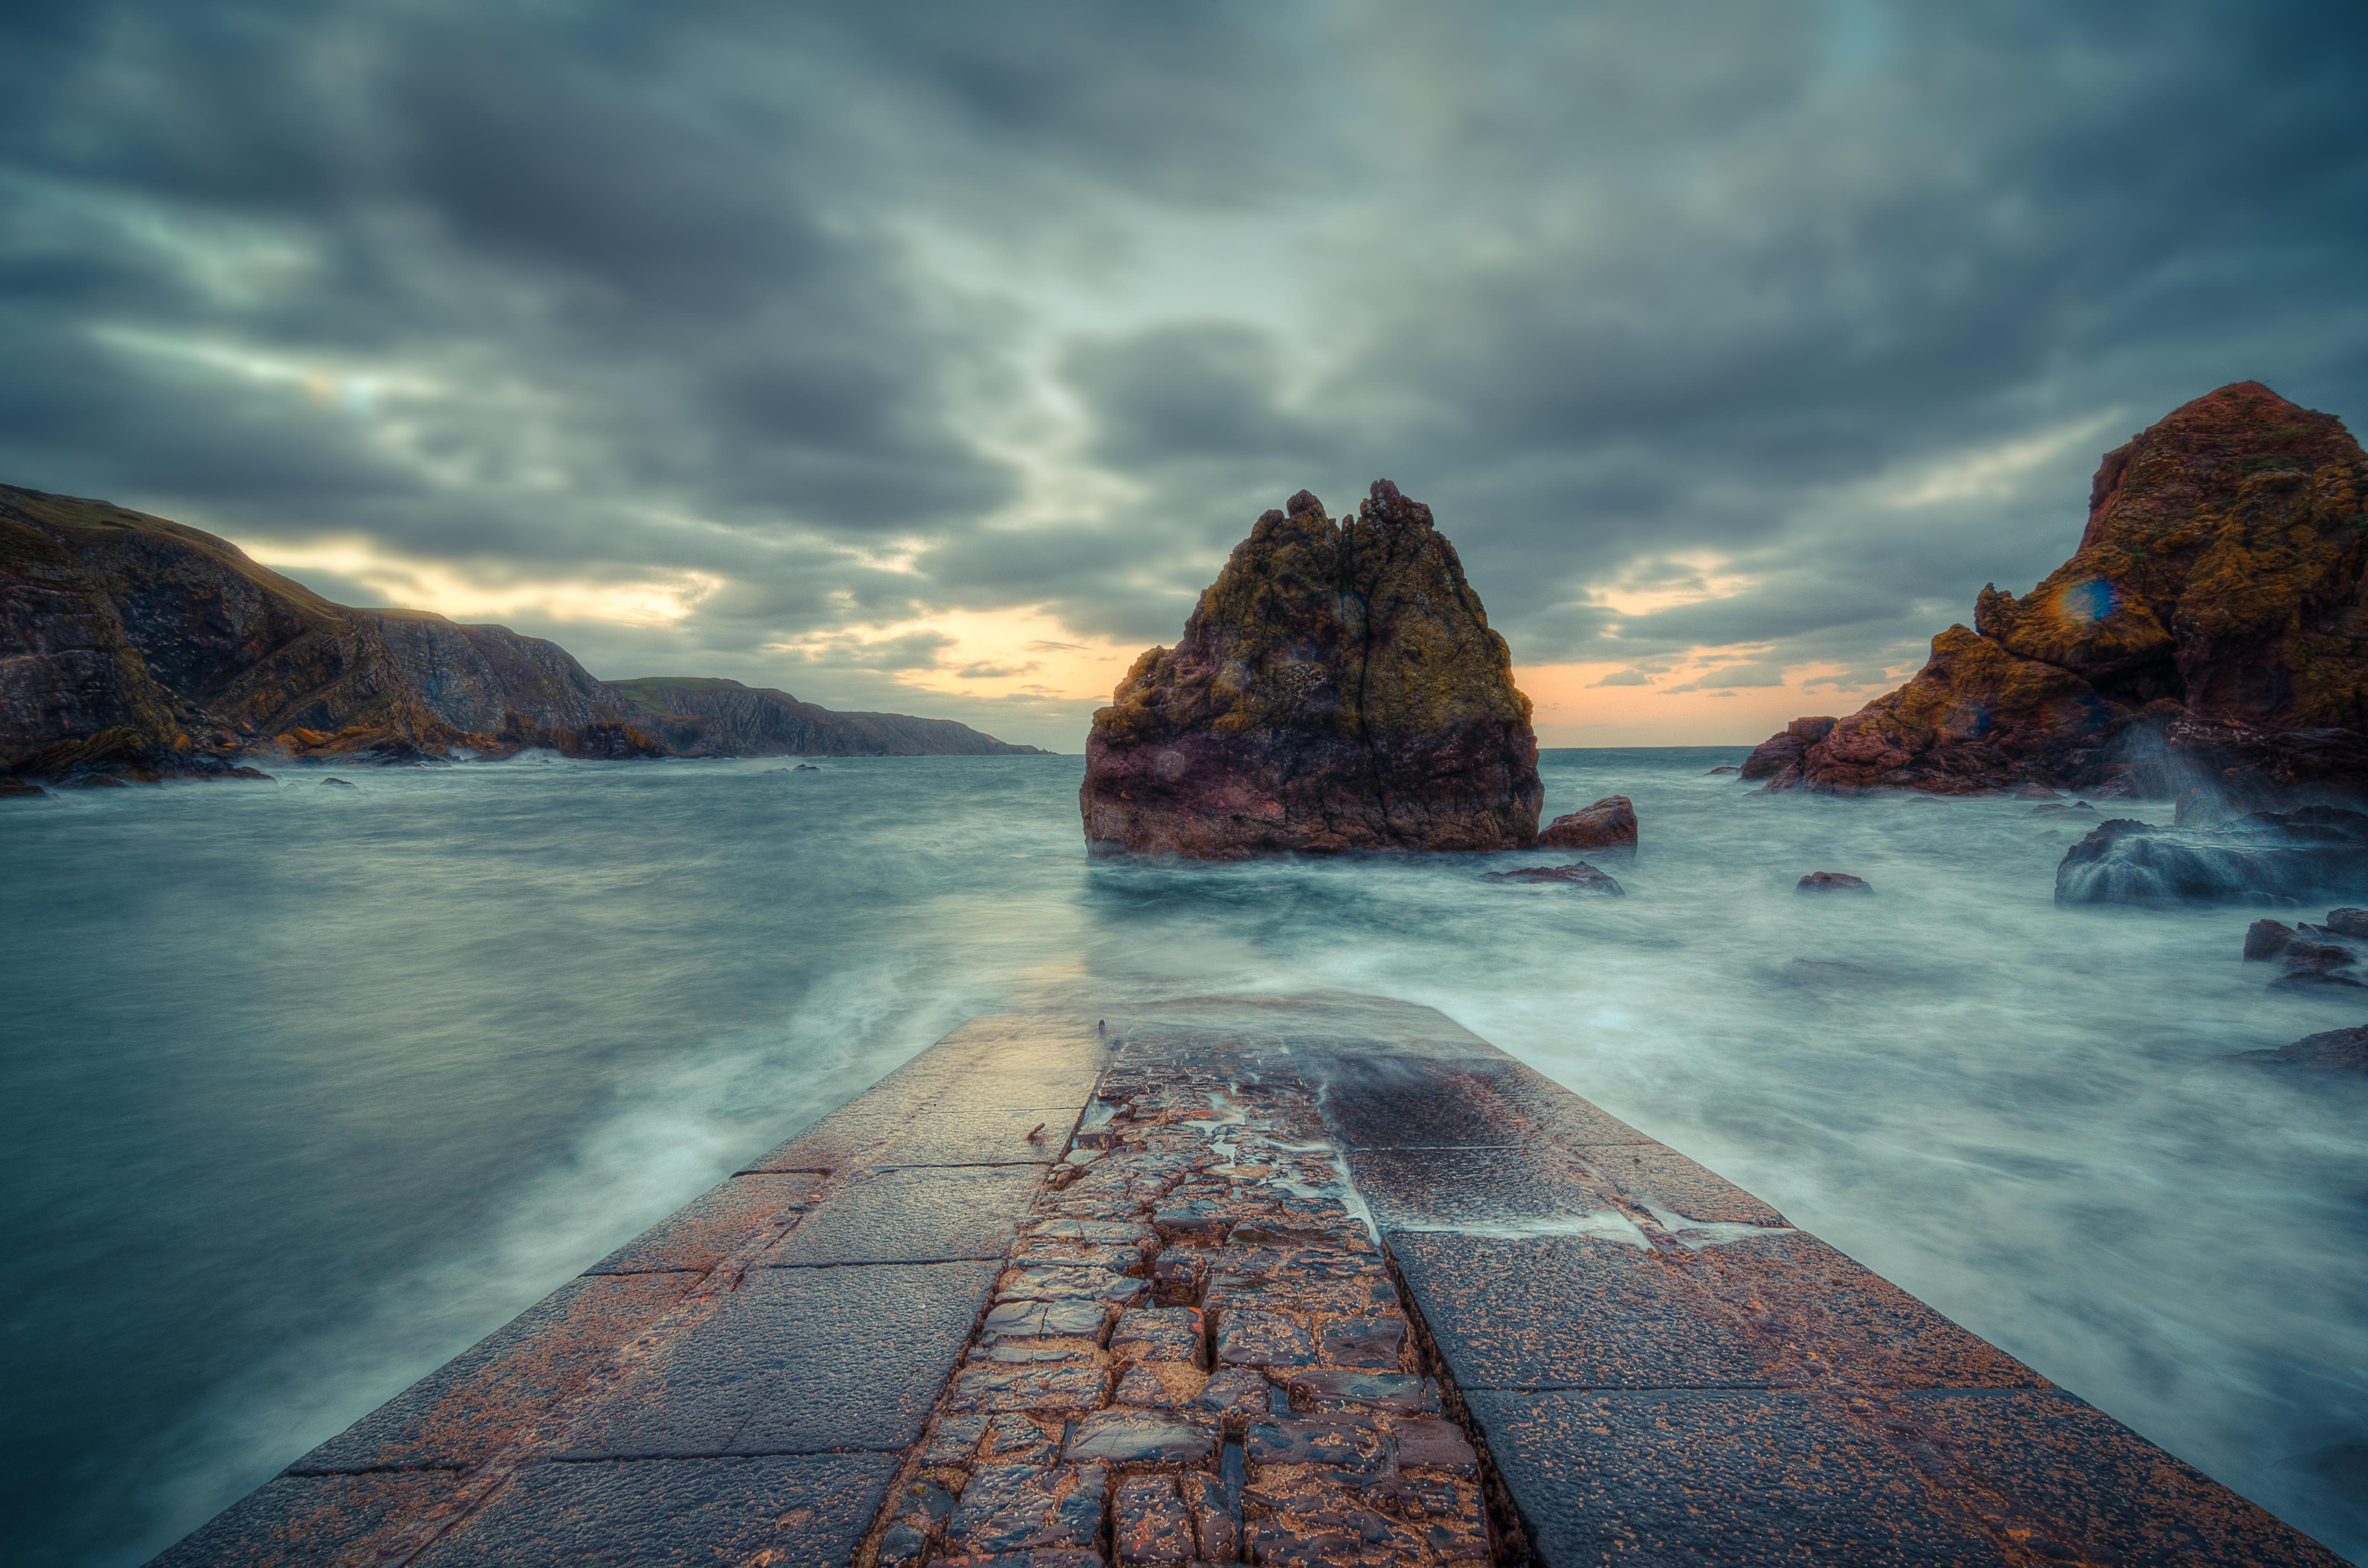 Обои морской пейзаж, Шотландские границы, Беруикшир, Северное море